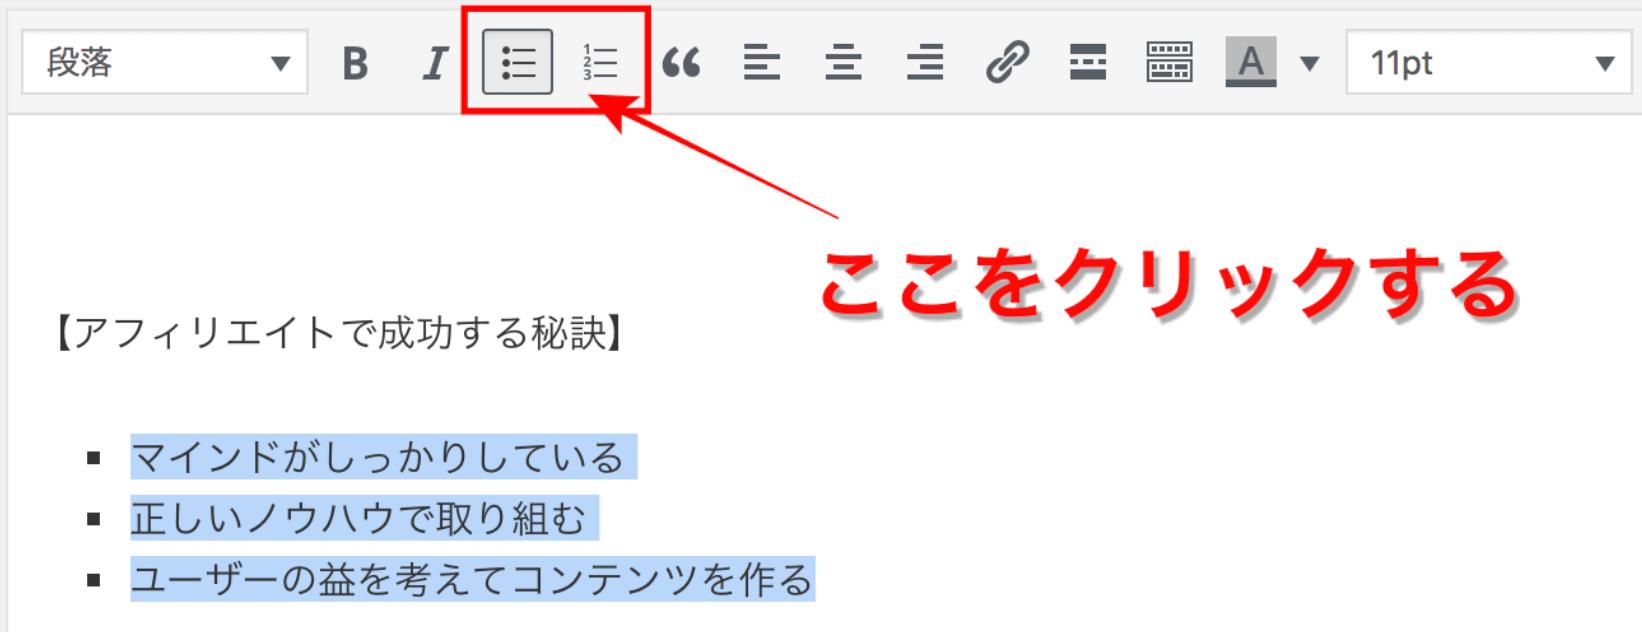 ビジュアルモードの状態で文章を選択した後、上部にあるリストタグのボタンを押す